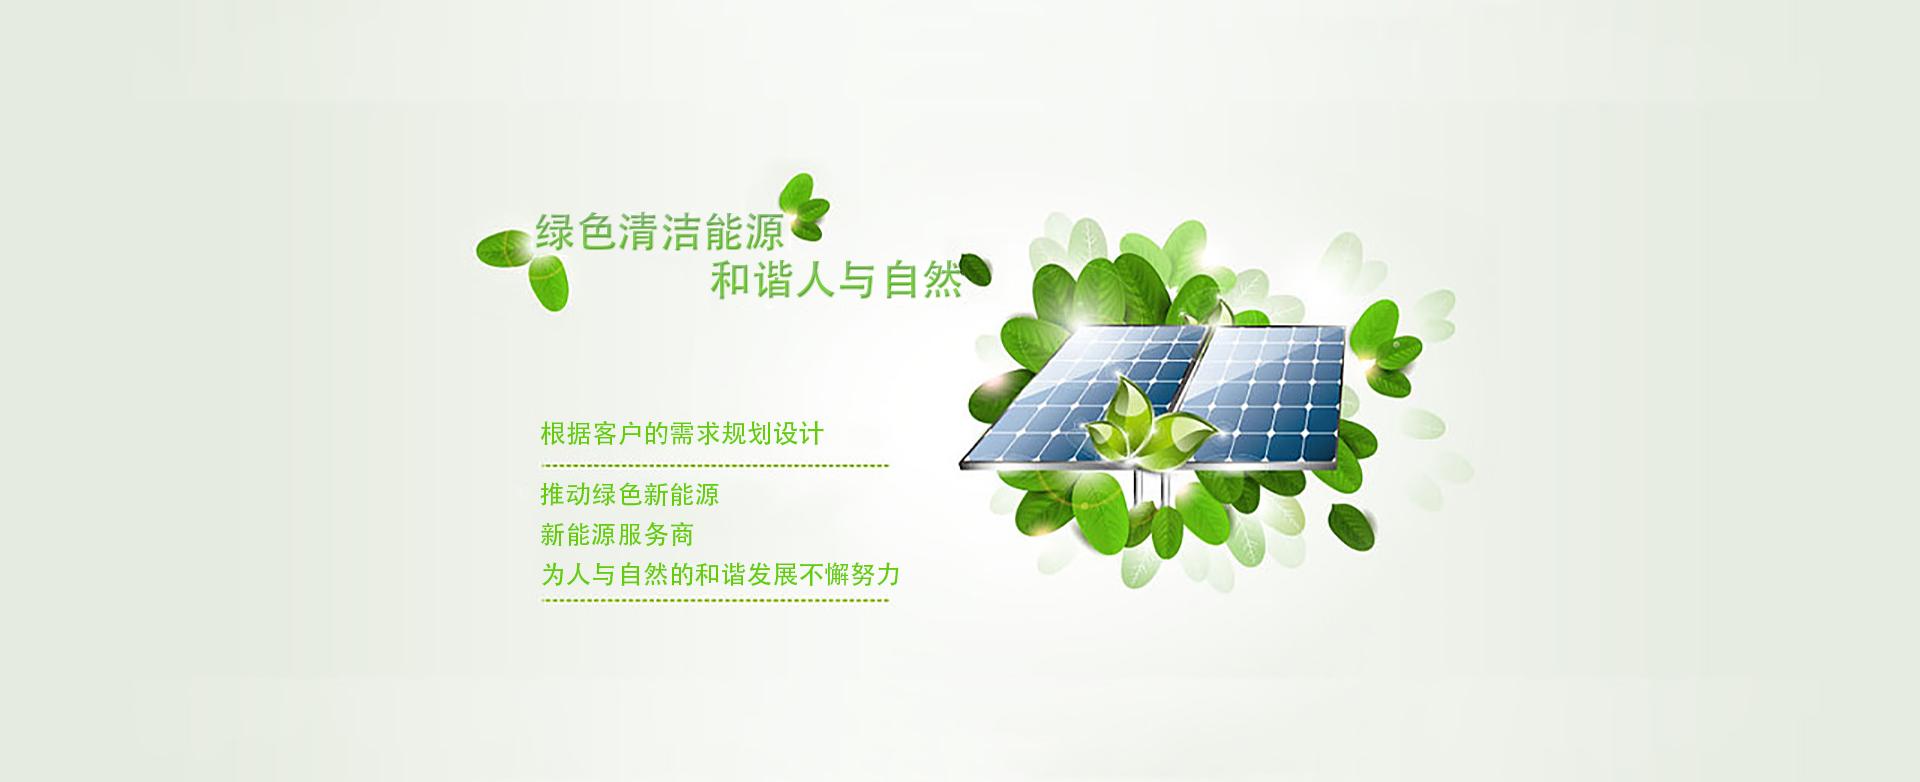 高效太阳能板